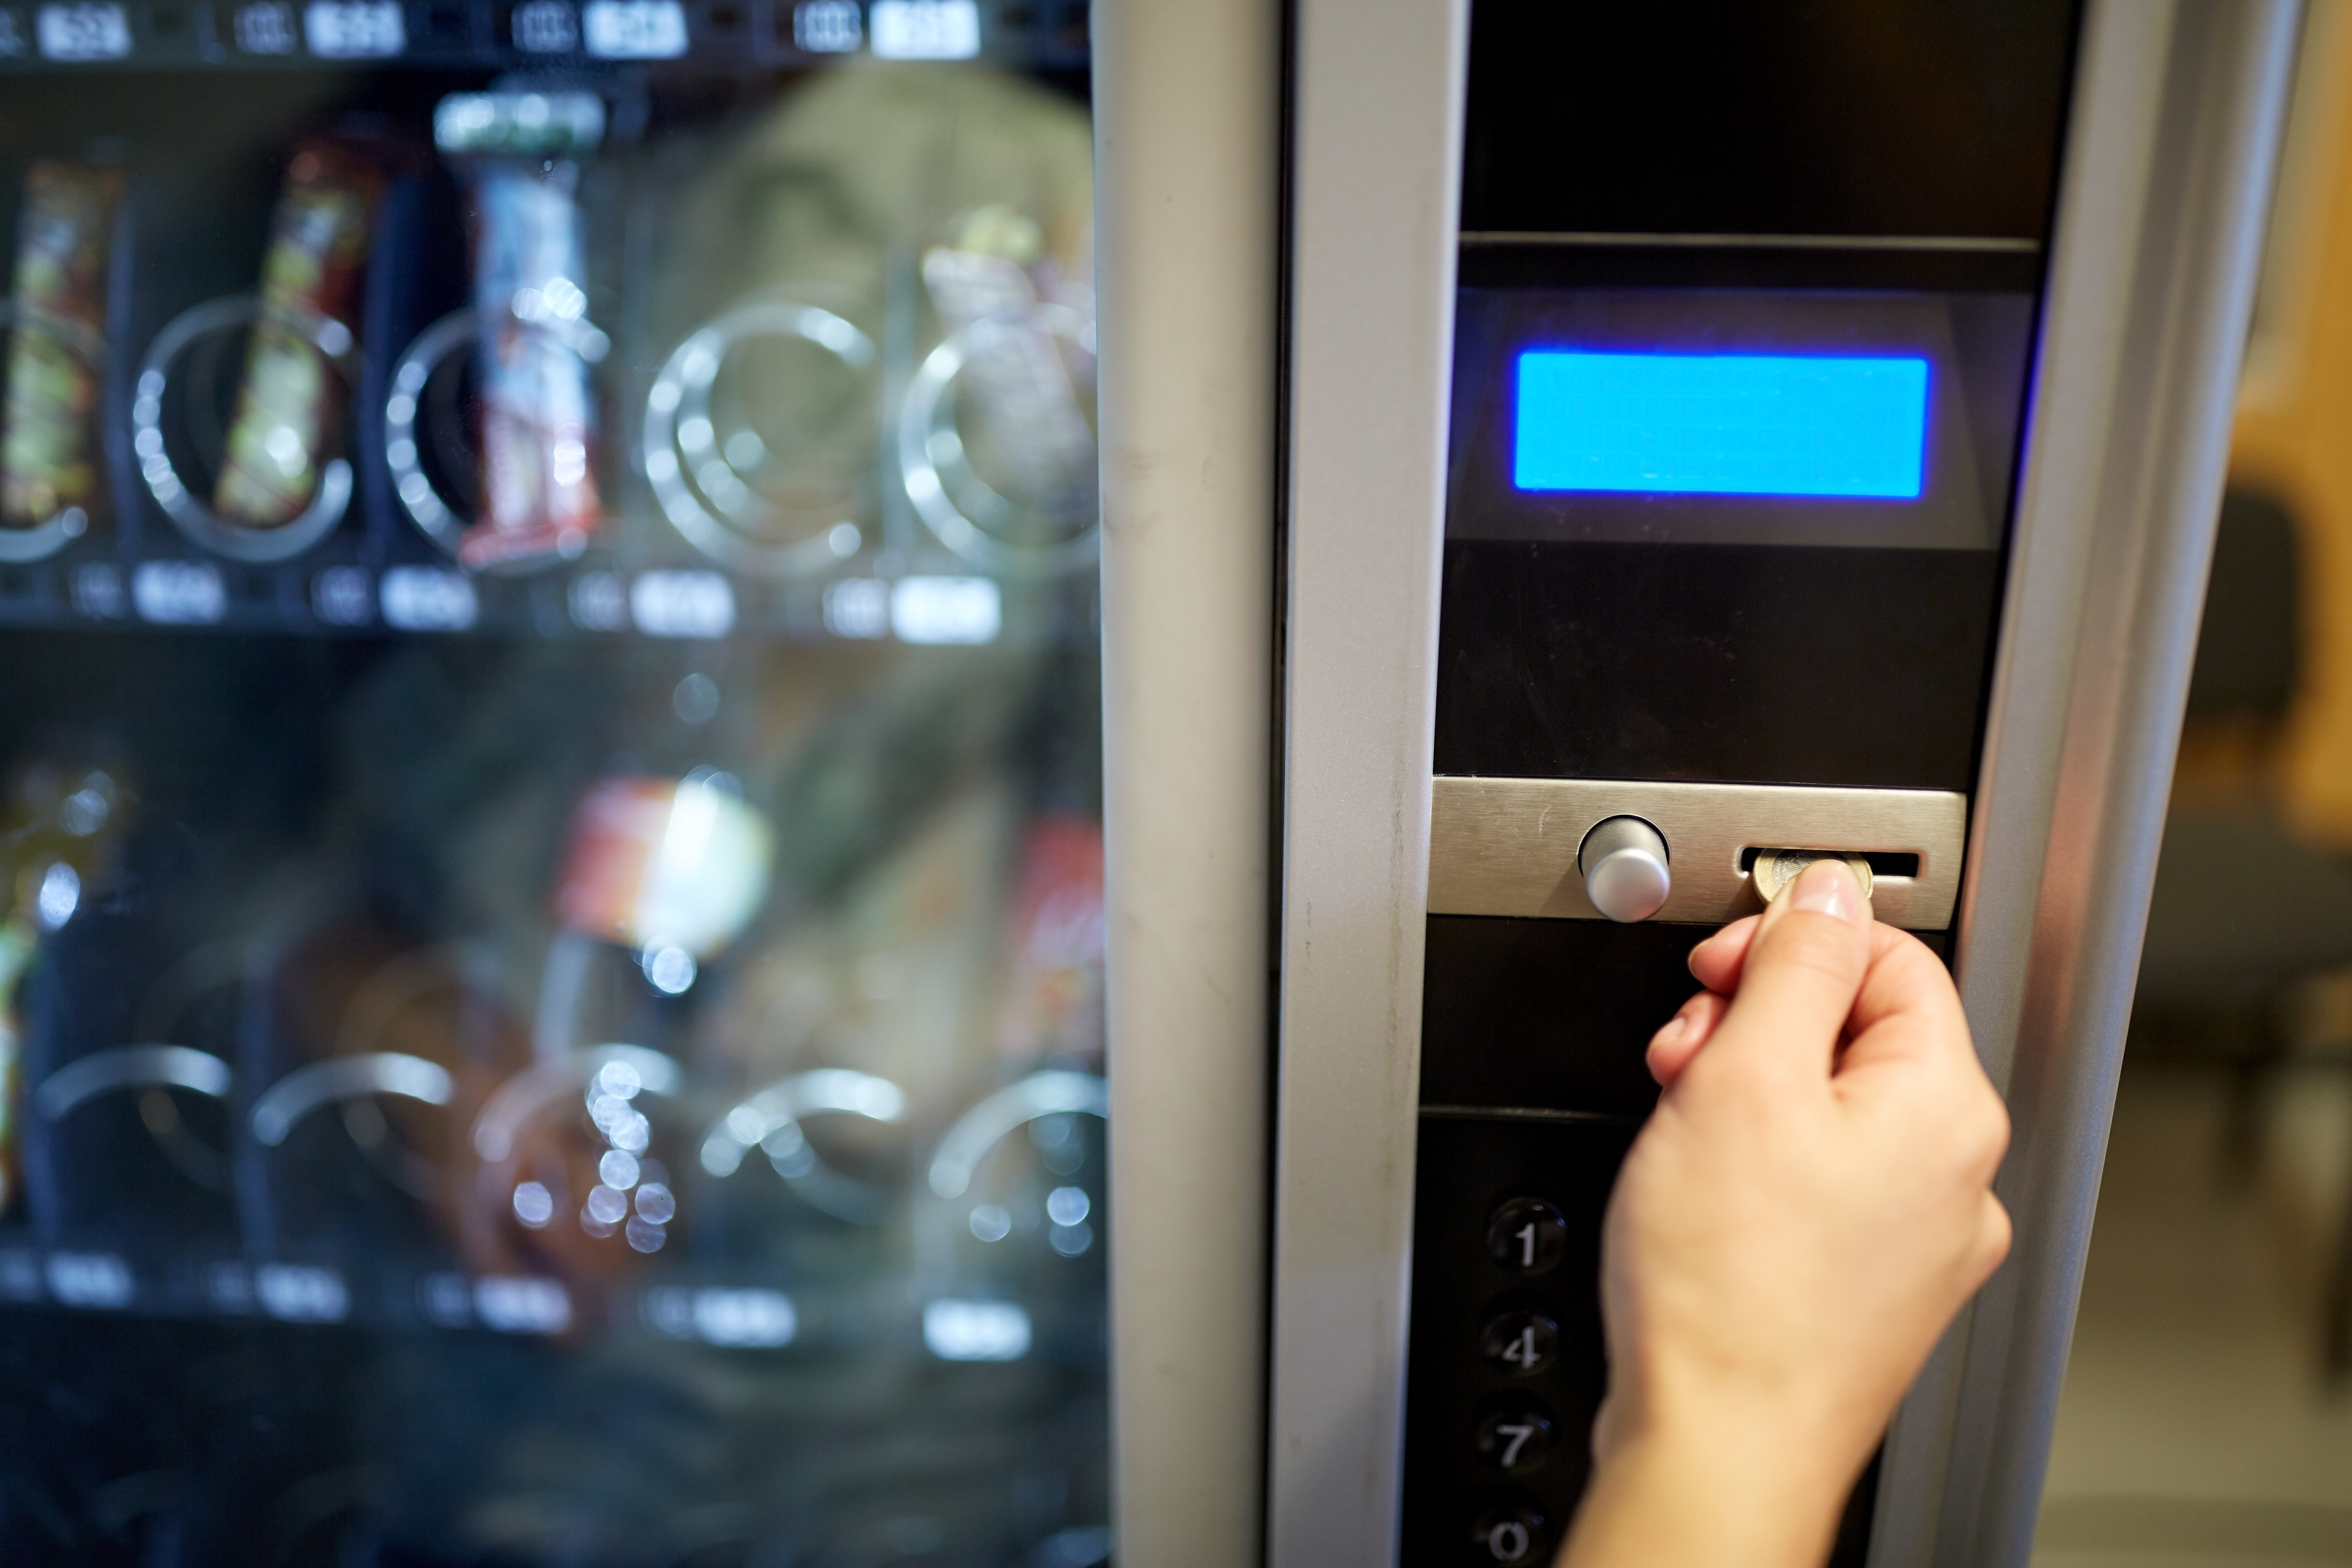 Rozwój rynku automatów w Polsce nie jest tak dynamiczny, jak jeszcze w początkowym okresie pojawiania się automatów vendingowych. Mimo to nadal obszar ten ciągle się rozwija, istnieją przestrzenie niezagospodarowane. Czy nasi rodacy korzystają z takiej formy nabywania towarów? Czego szukają? Na co wskazują aktualne trendy?